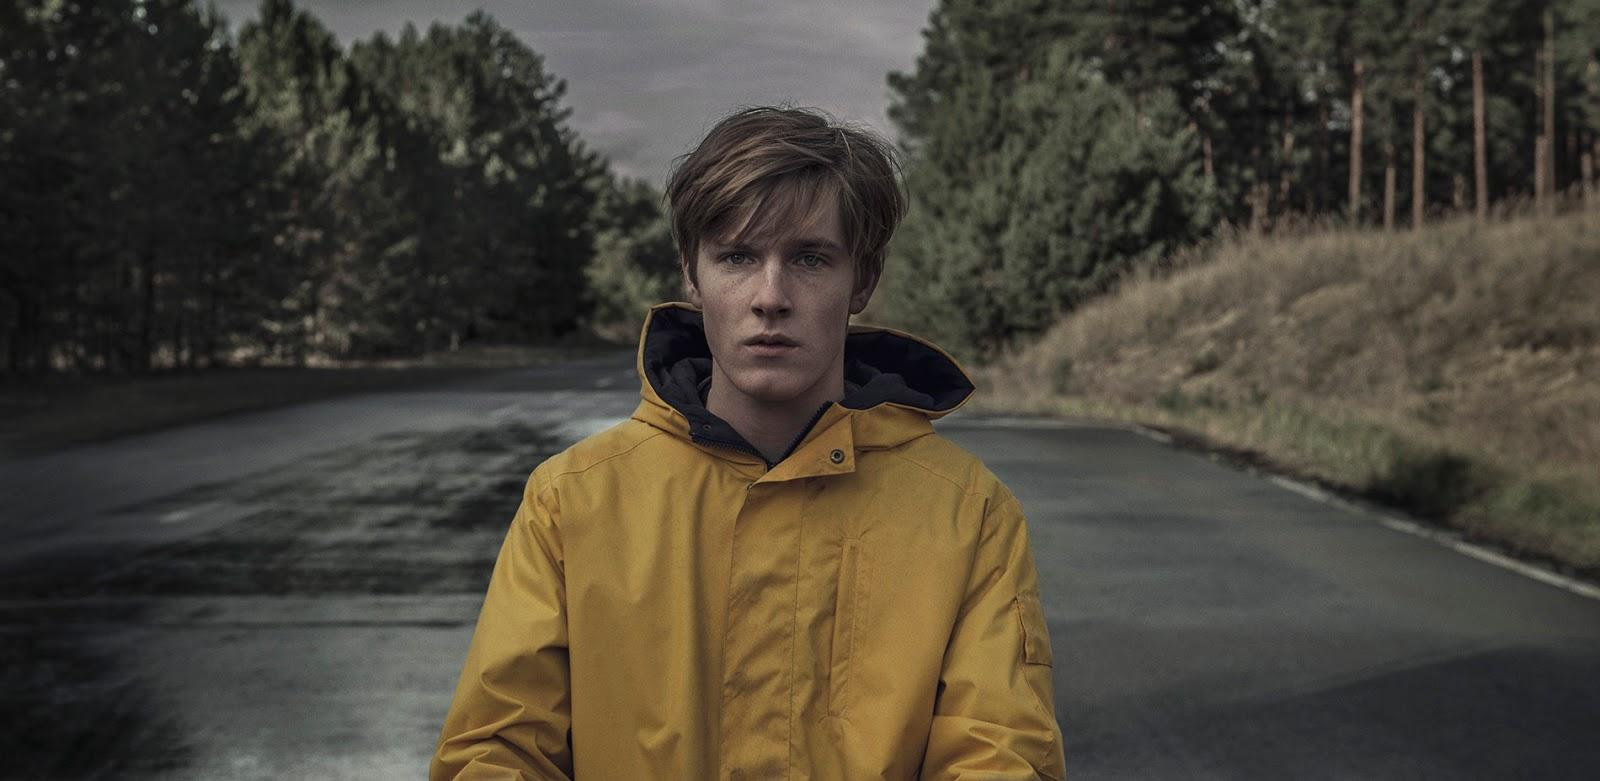 Fotografía de Louis Hofmann en 'Dark', nueva serie alemana de Netflix